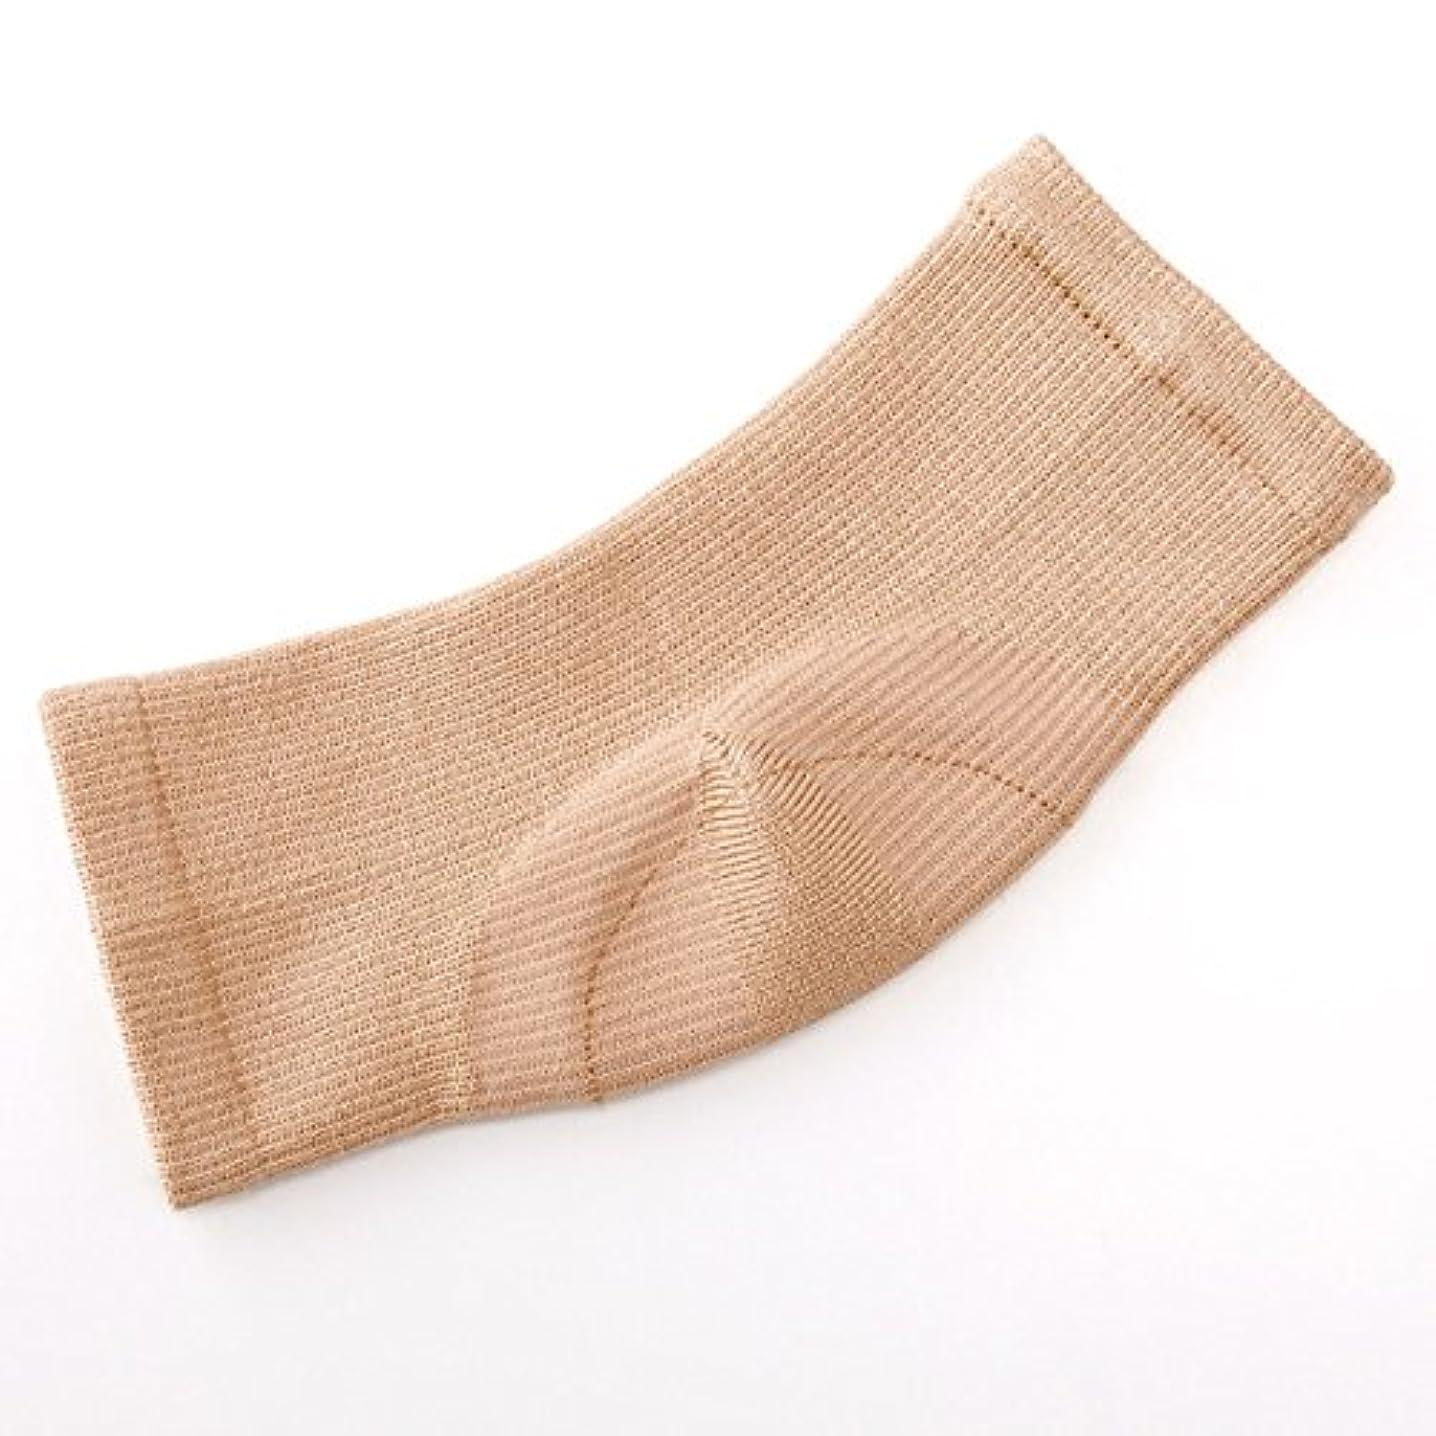 間違えた保存する超高層ビルシルク混かかと足裏つるるん シルク混 フットカバー かかと 保湿 フットケア 靴下